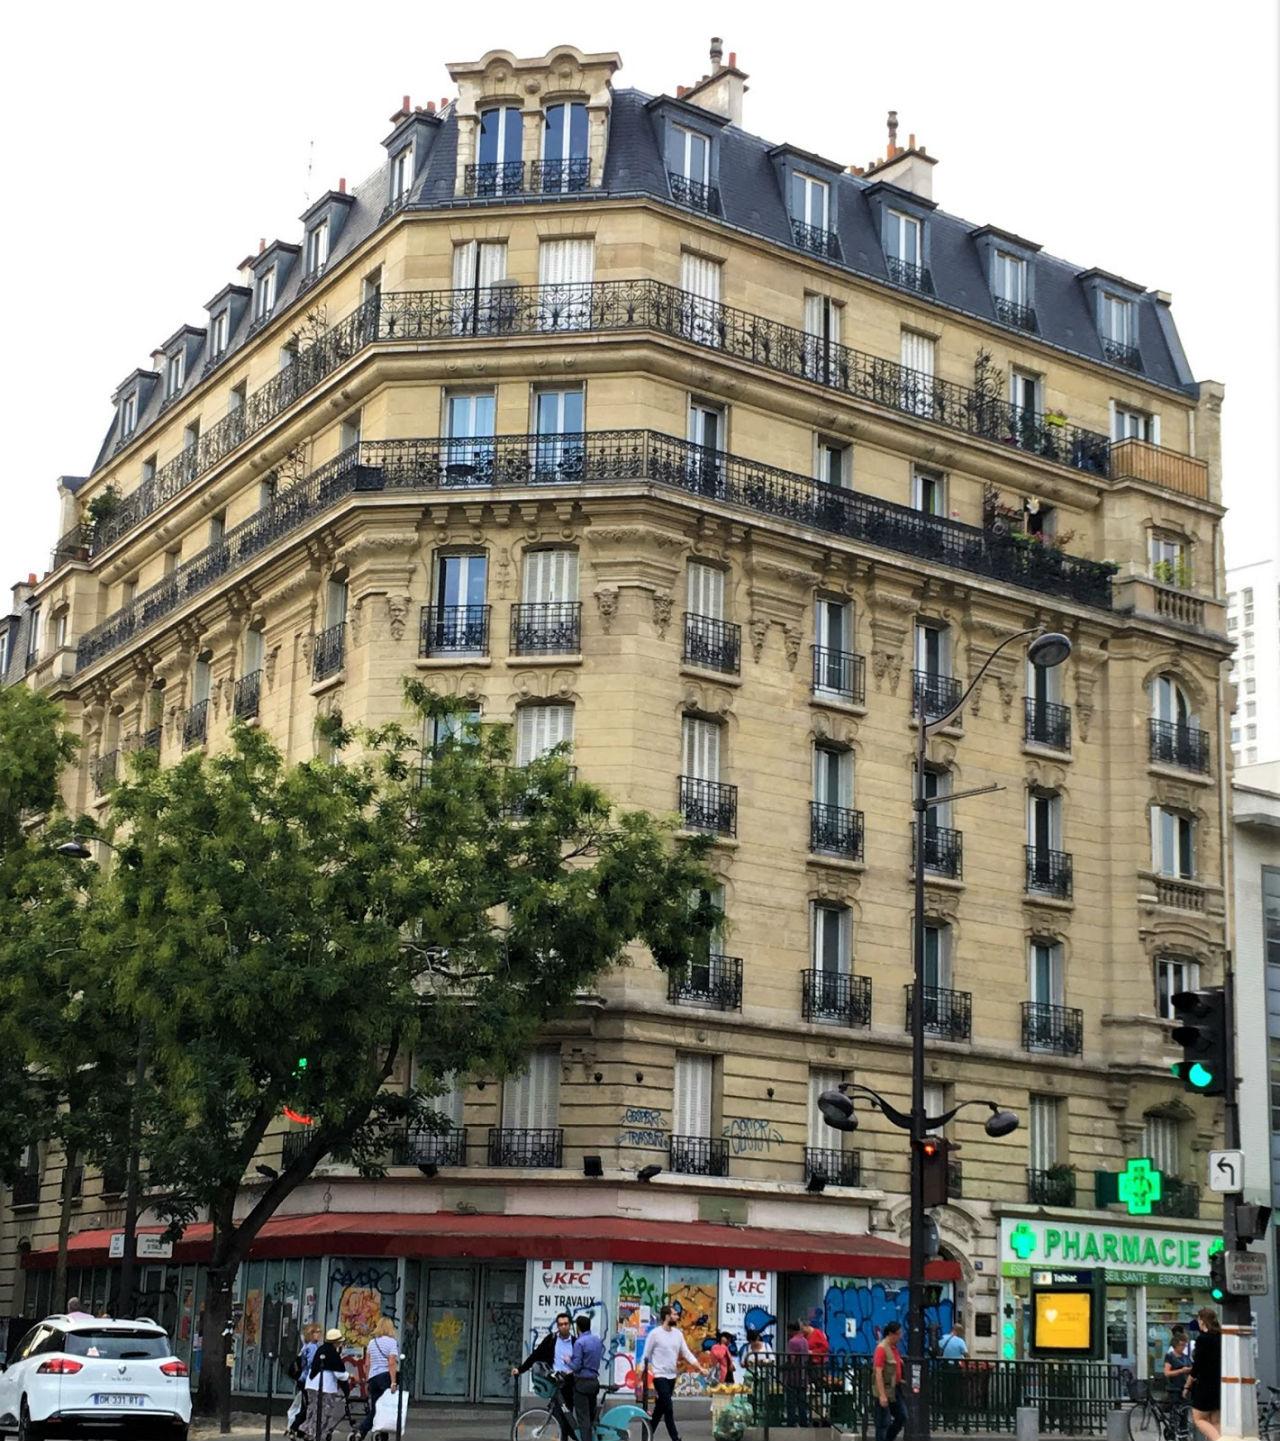 0 - Fa_ade (2) 76 av d'Italie 140 rue Bobillot (угол авеню Италии-рю Бабиллот).jpg